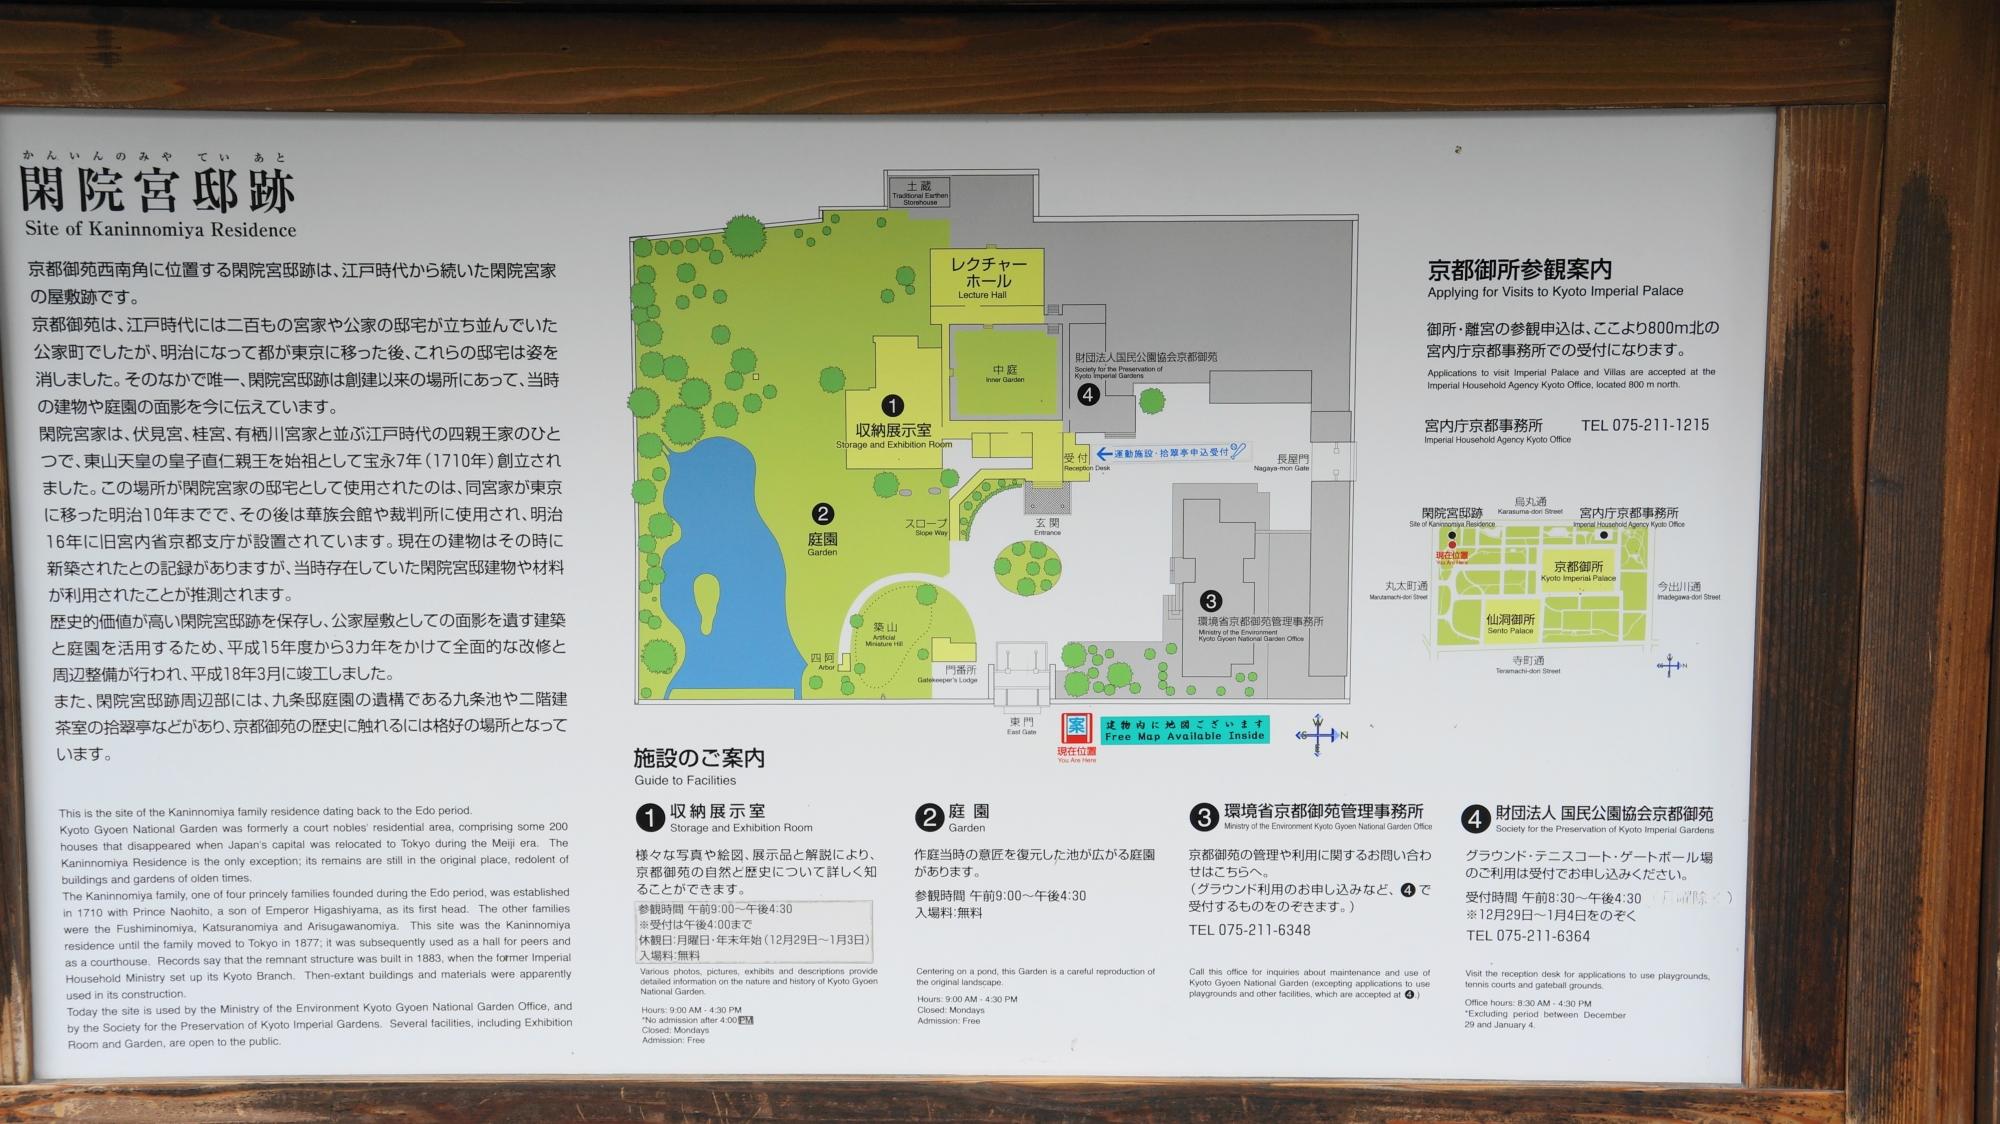 閑院宮邸跡(かんいんのみやていあと)の説明